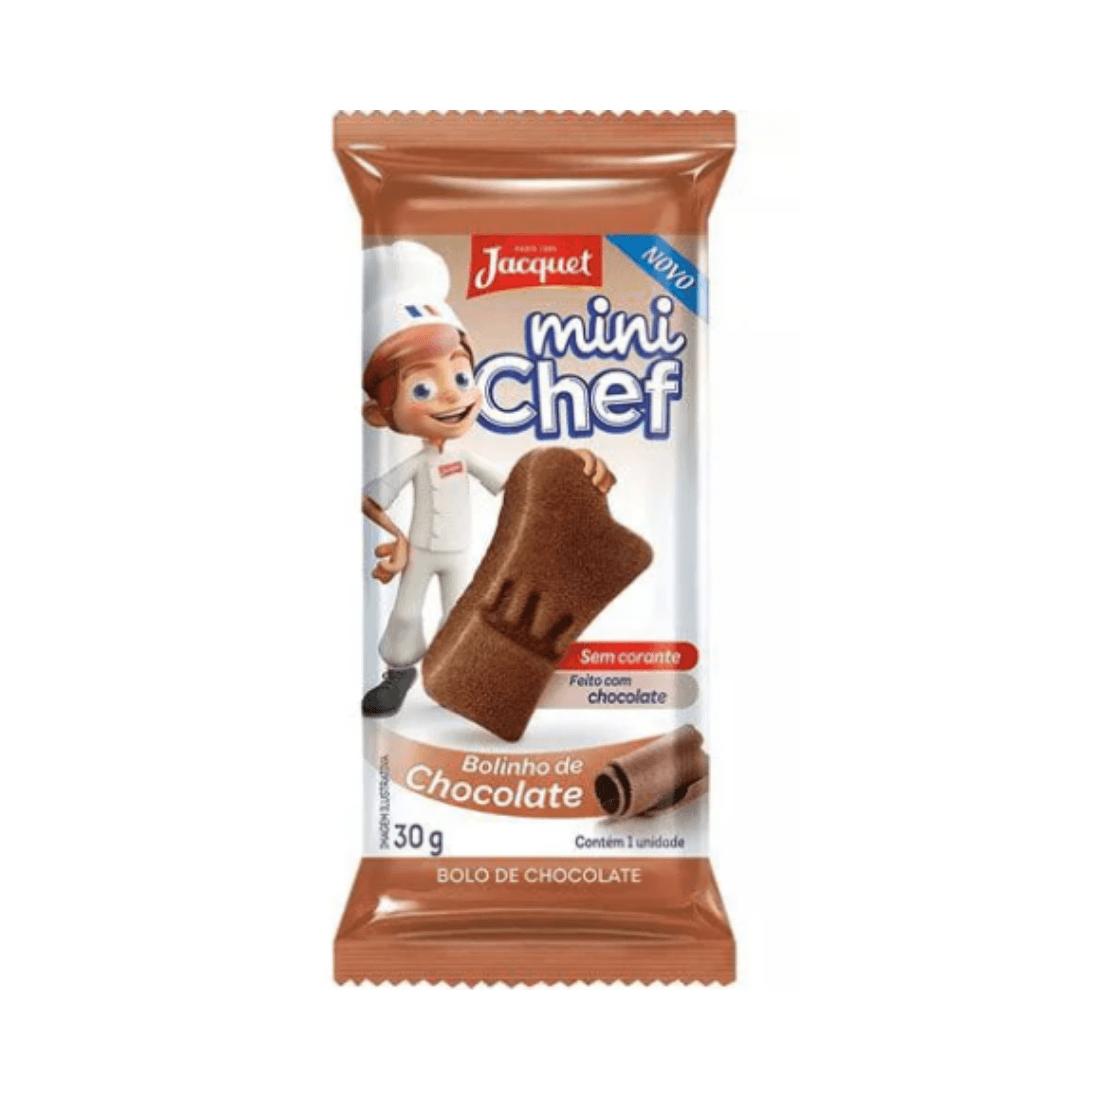 MINI BOLO CHOCOLATE JACQUET 30G CAIXA 5 UNIDADES